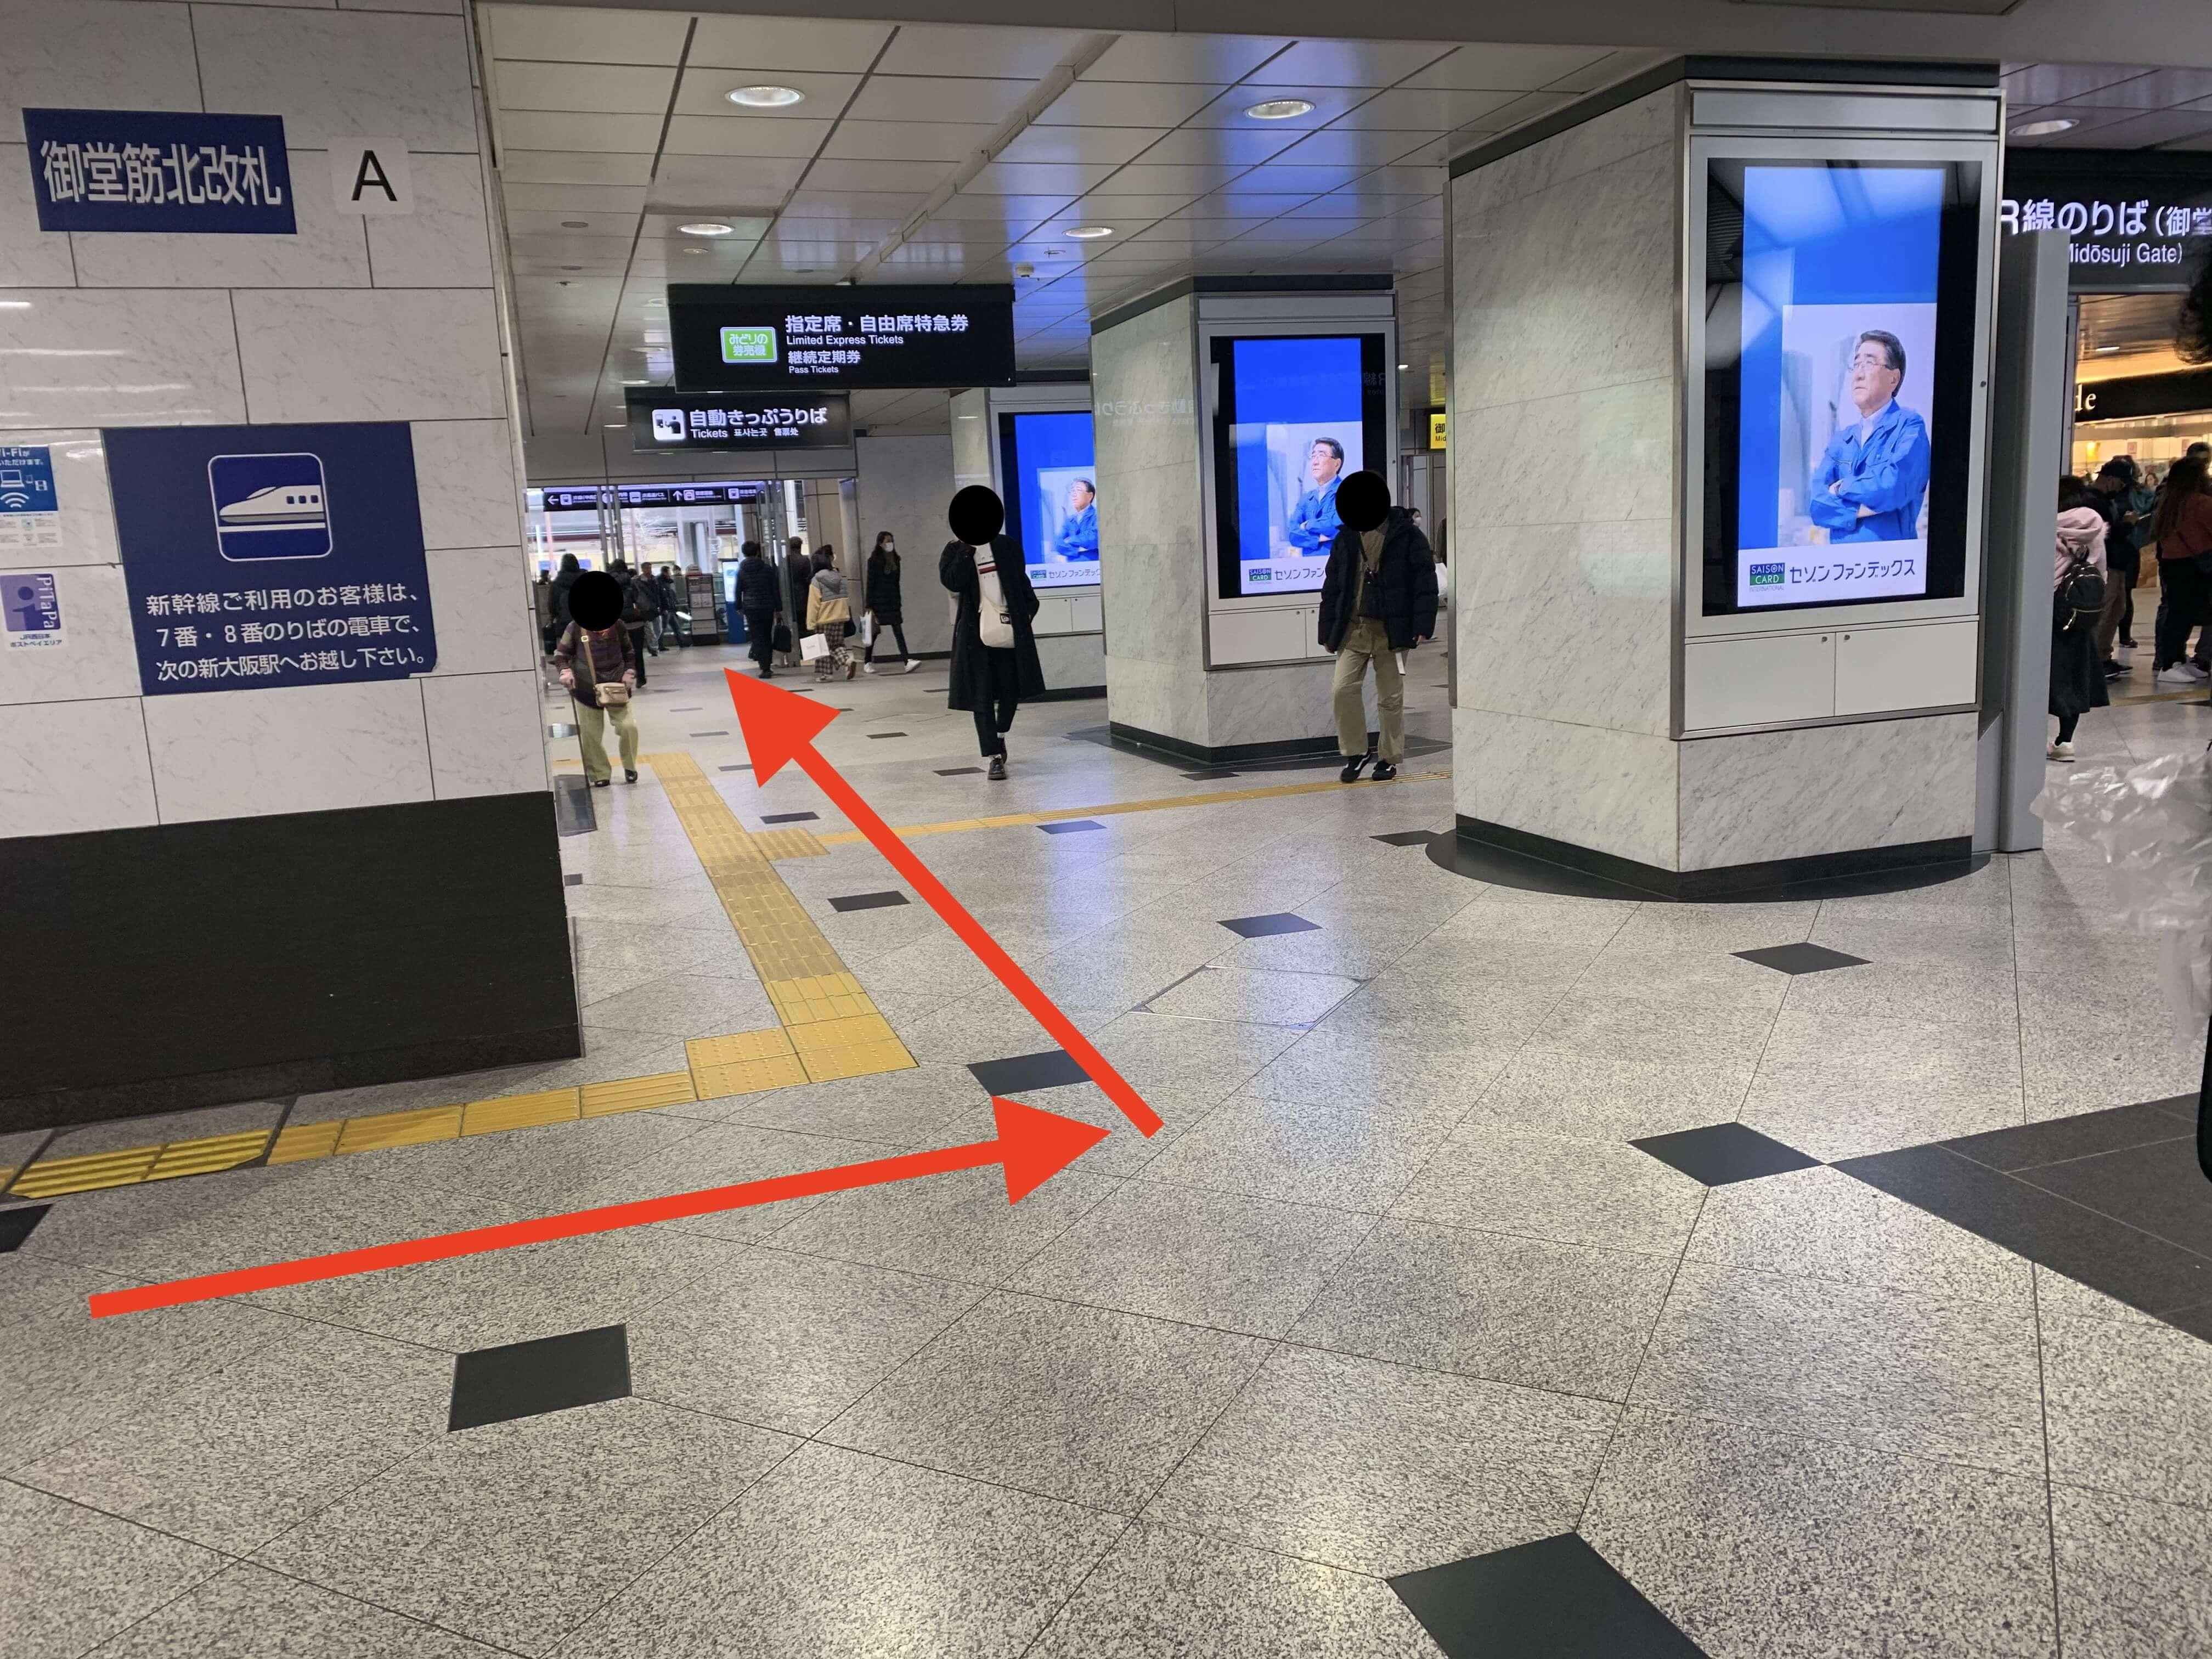 JR大阪駅・御堂筋線梅田駅から行き方1